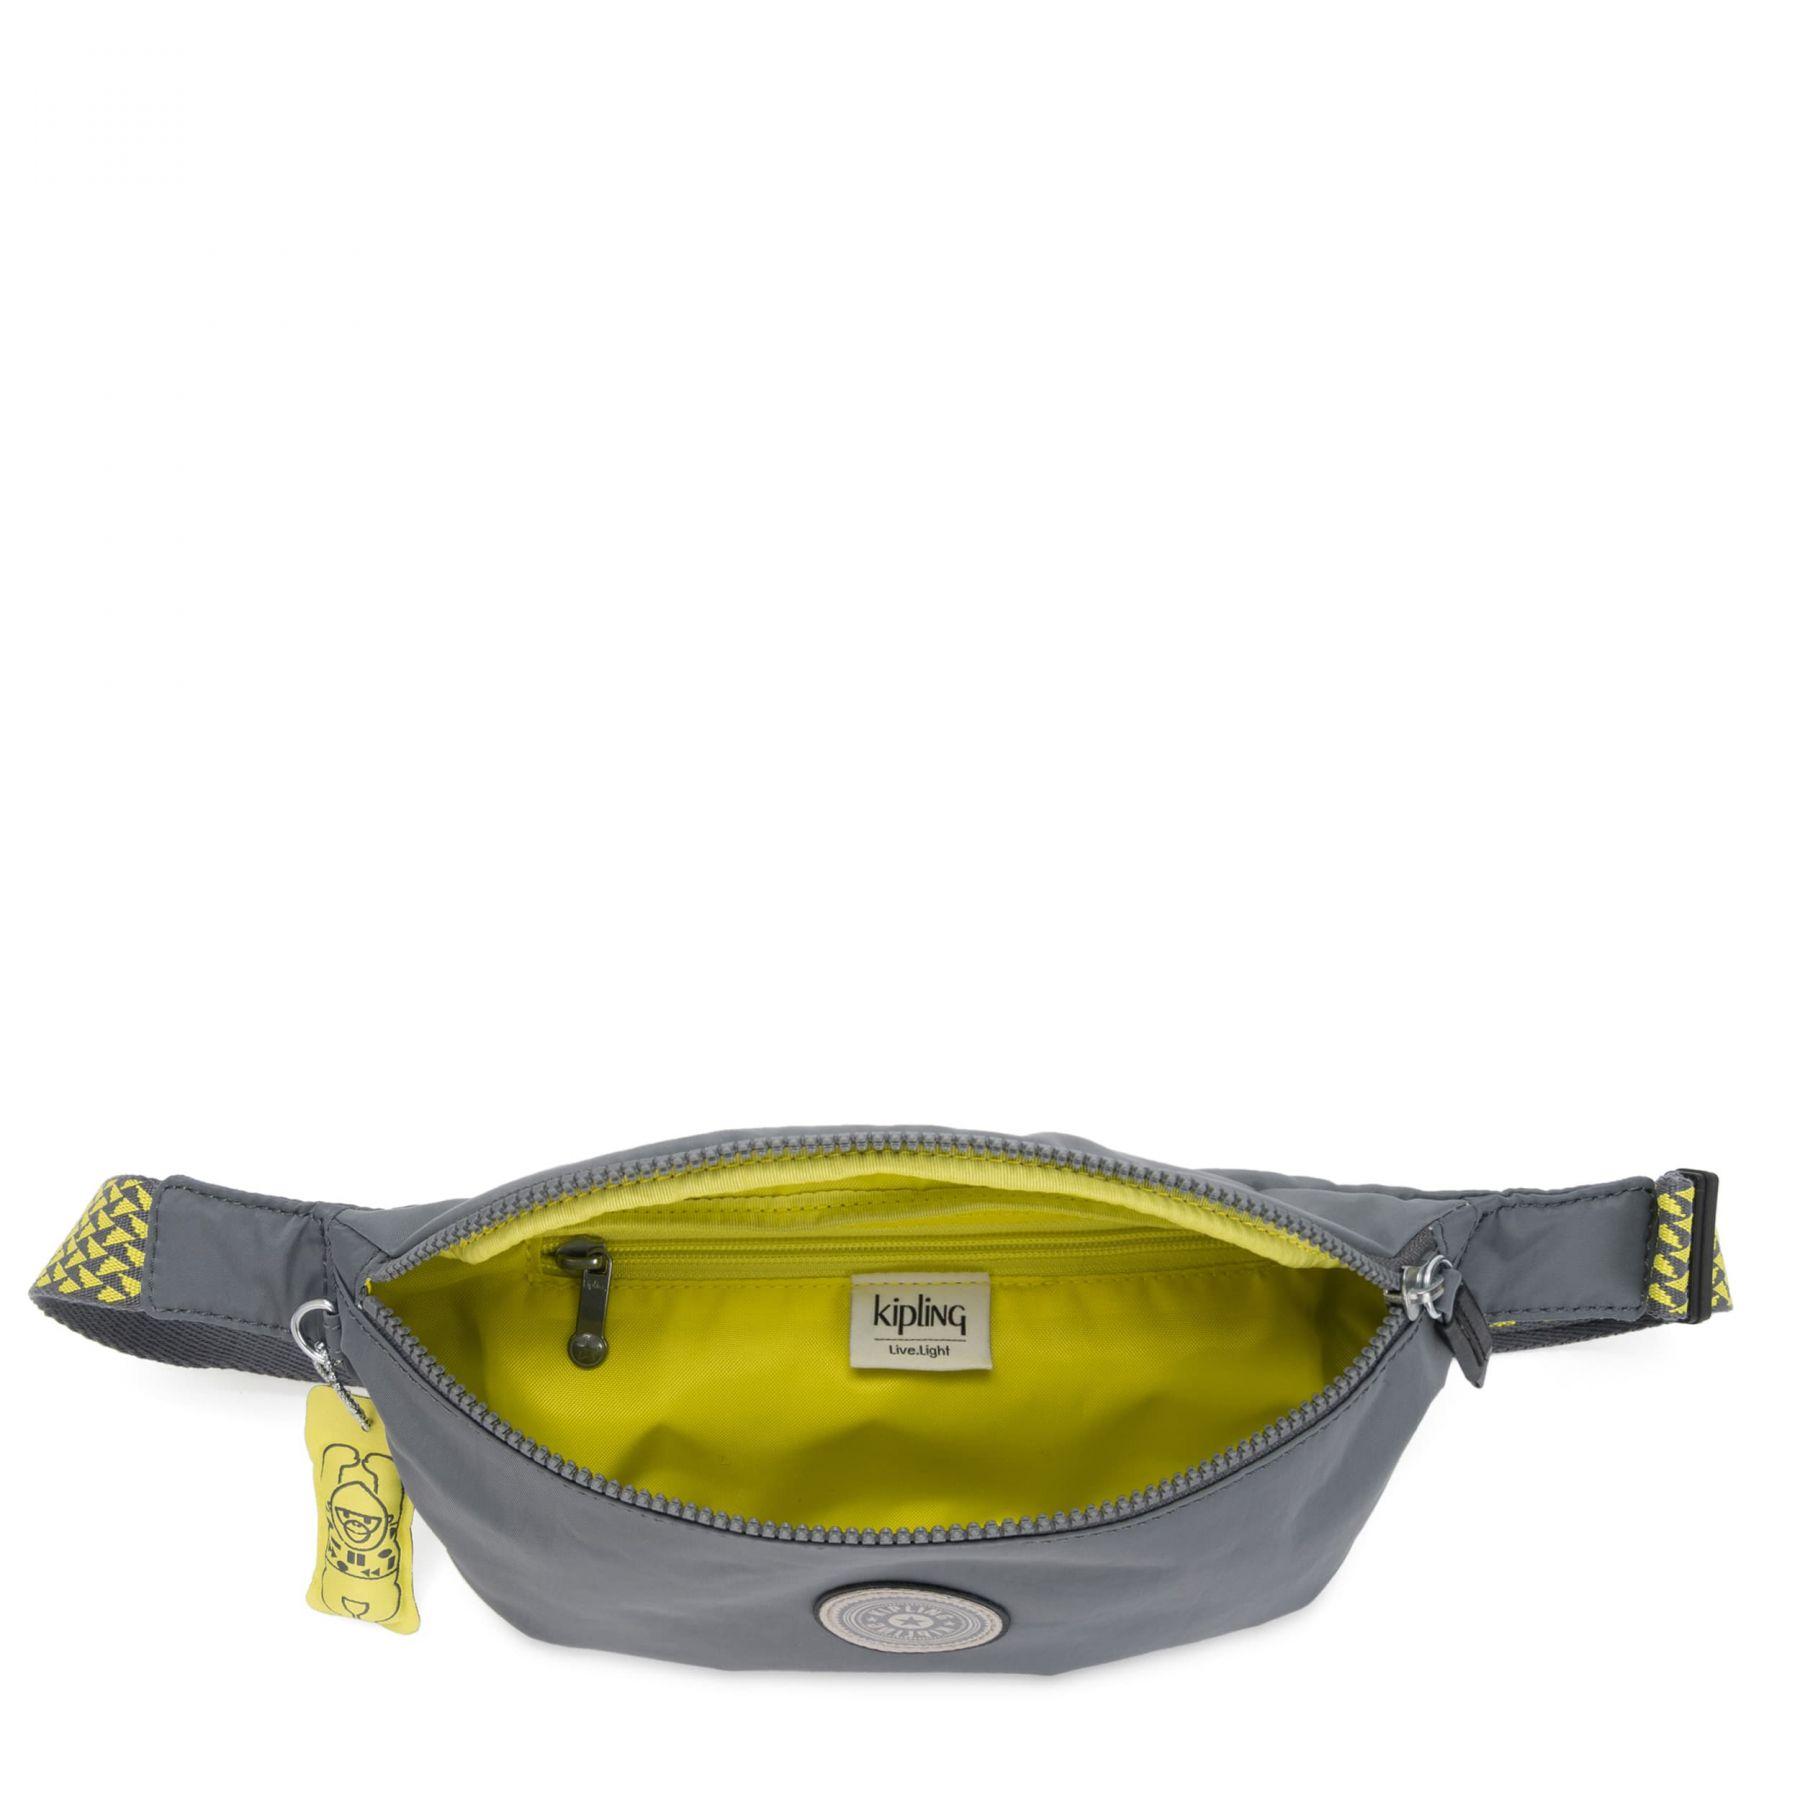 FRESH BAGS by Kipling